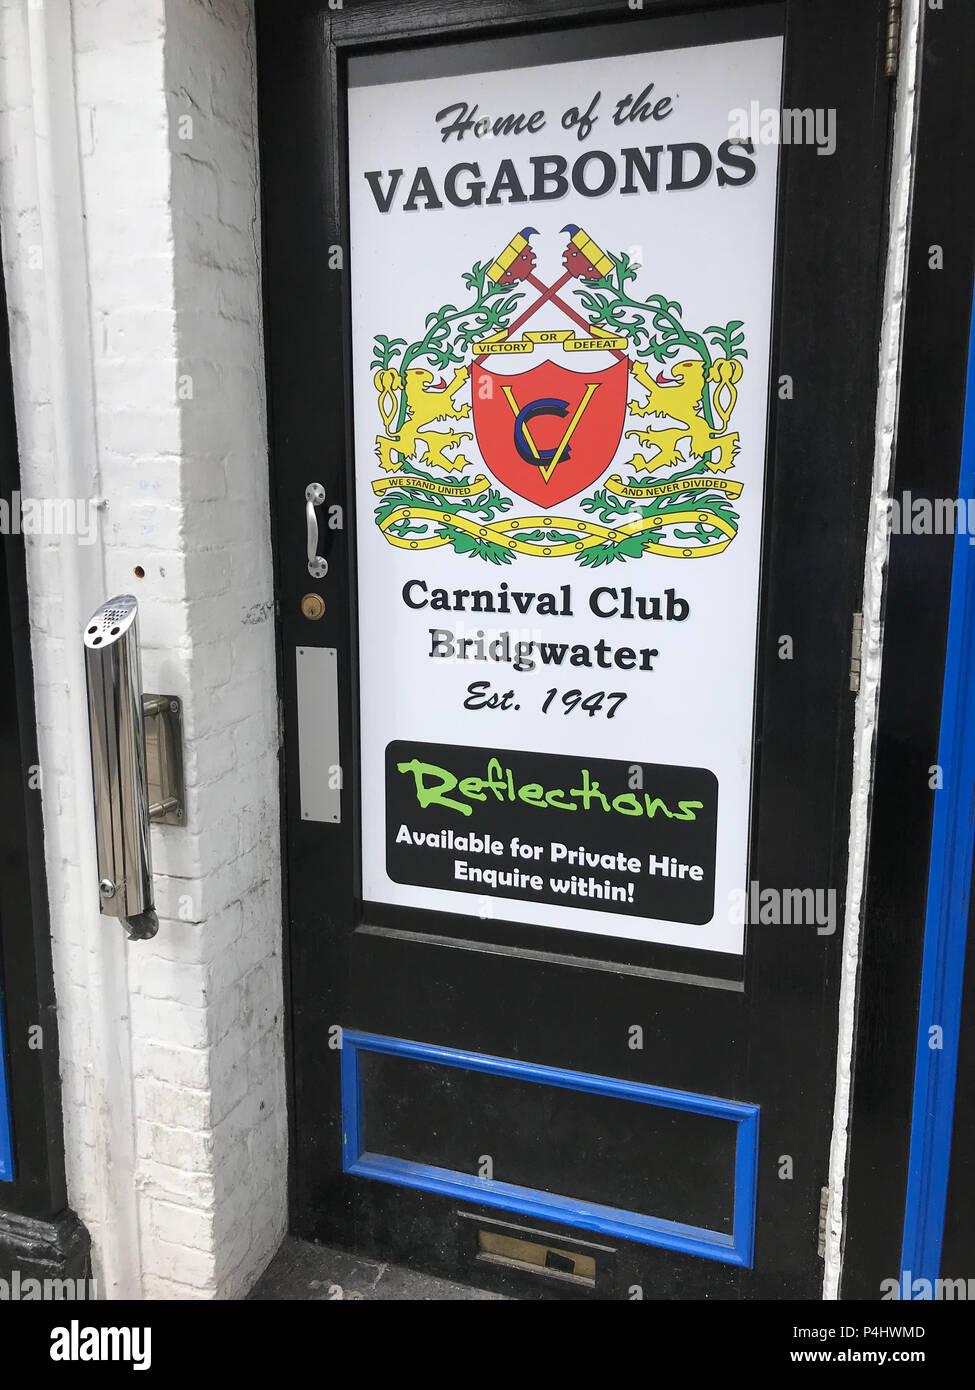 Dieses Stockfoto: Haus der Vagabunden Karneval Club, High Street, Bridgwater - Reflexionen Club Tür, Bridgwater, Somerset, England, Großbritannien - P4HWMD